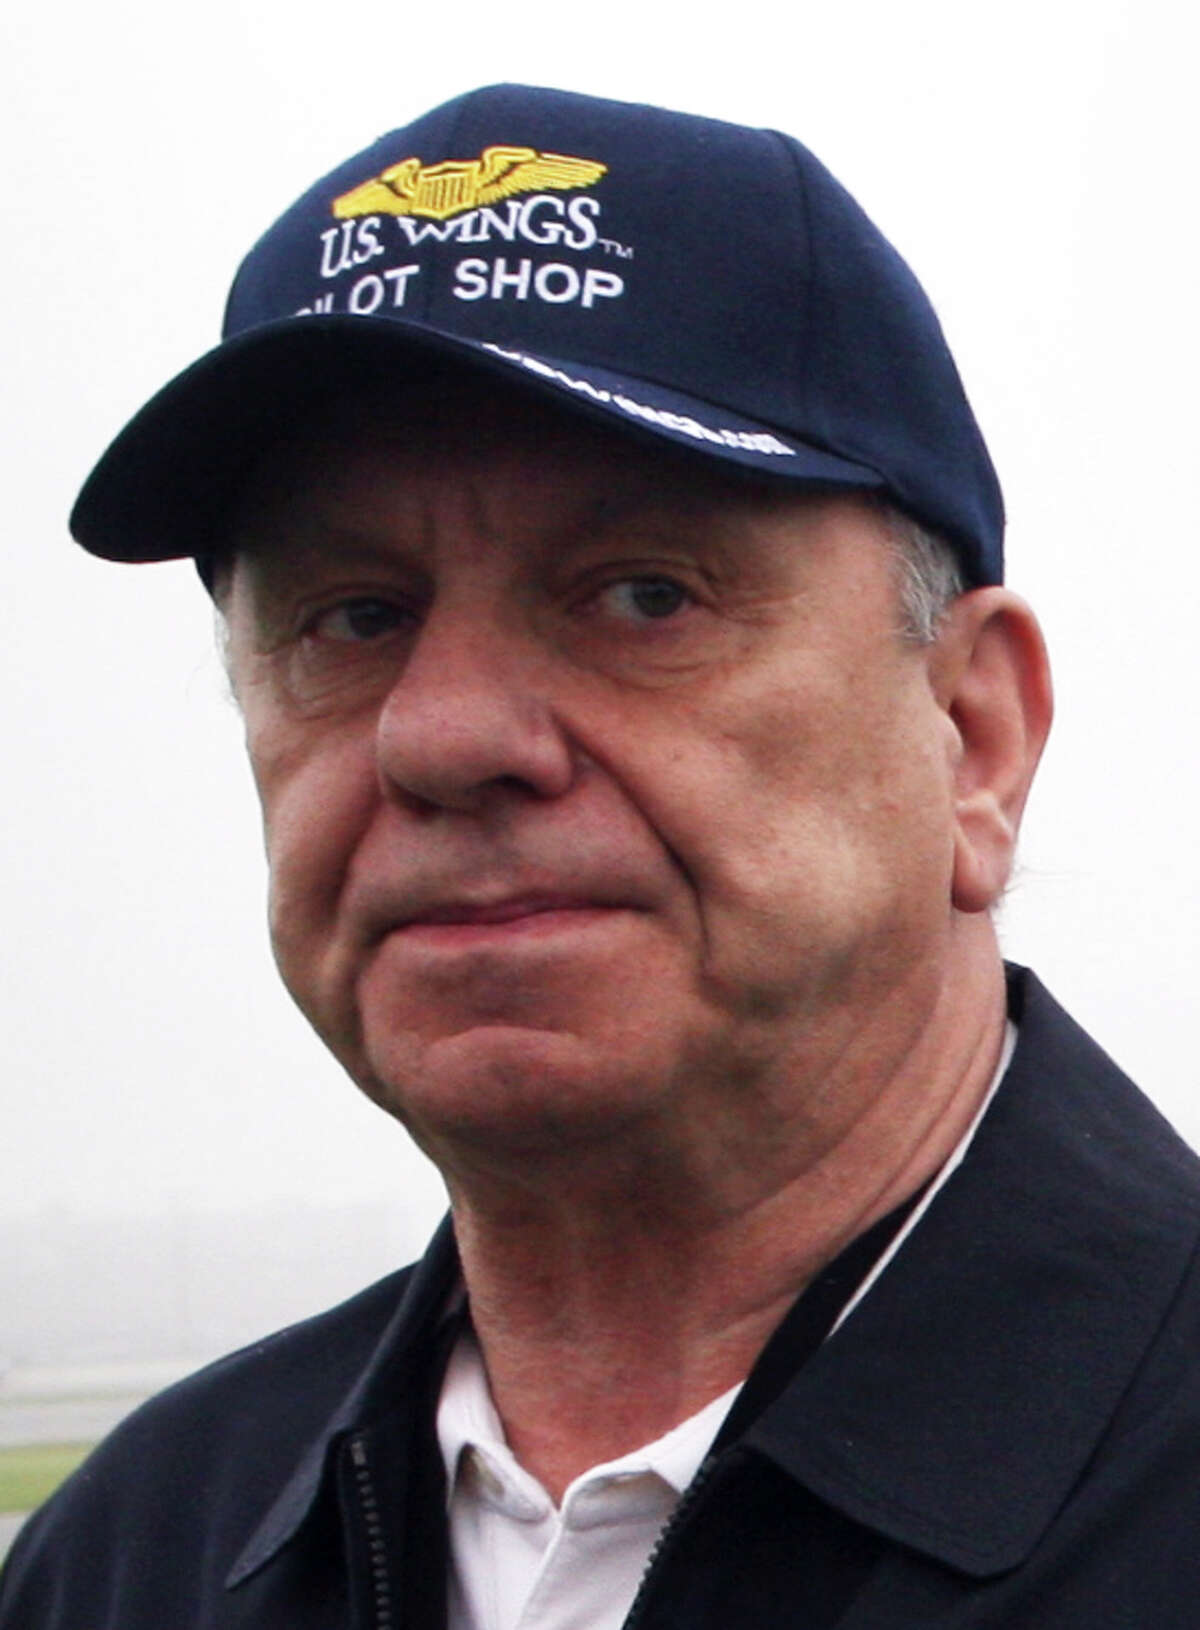 Sikorsky Memorial Airport Manager John Ricci, June 12th, 2009.